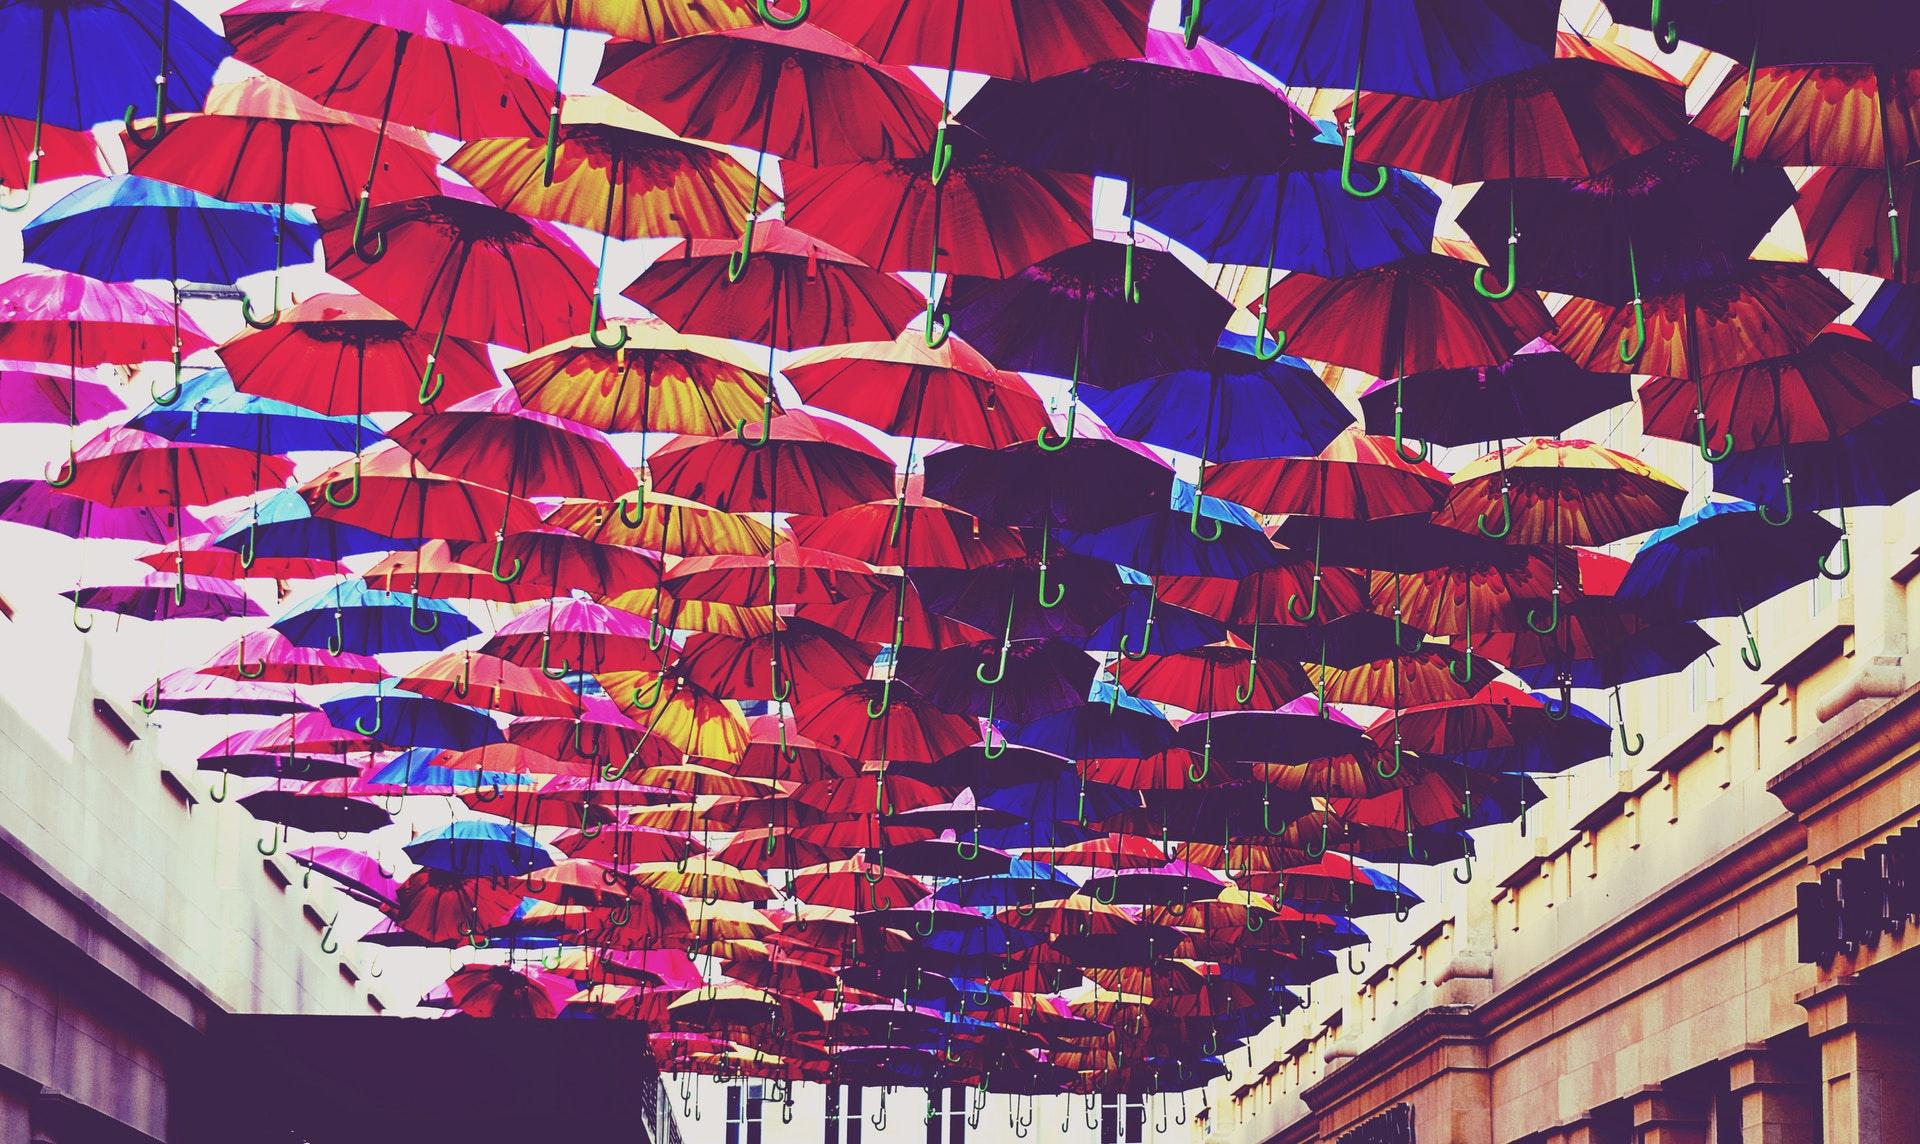 red-blue-and-orange-umbrella-lot-918781